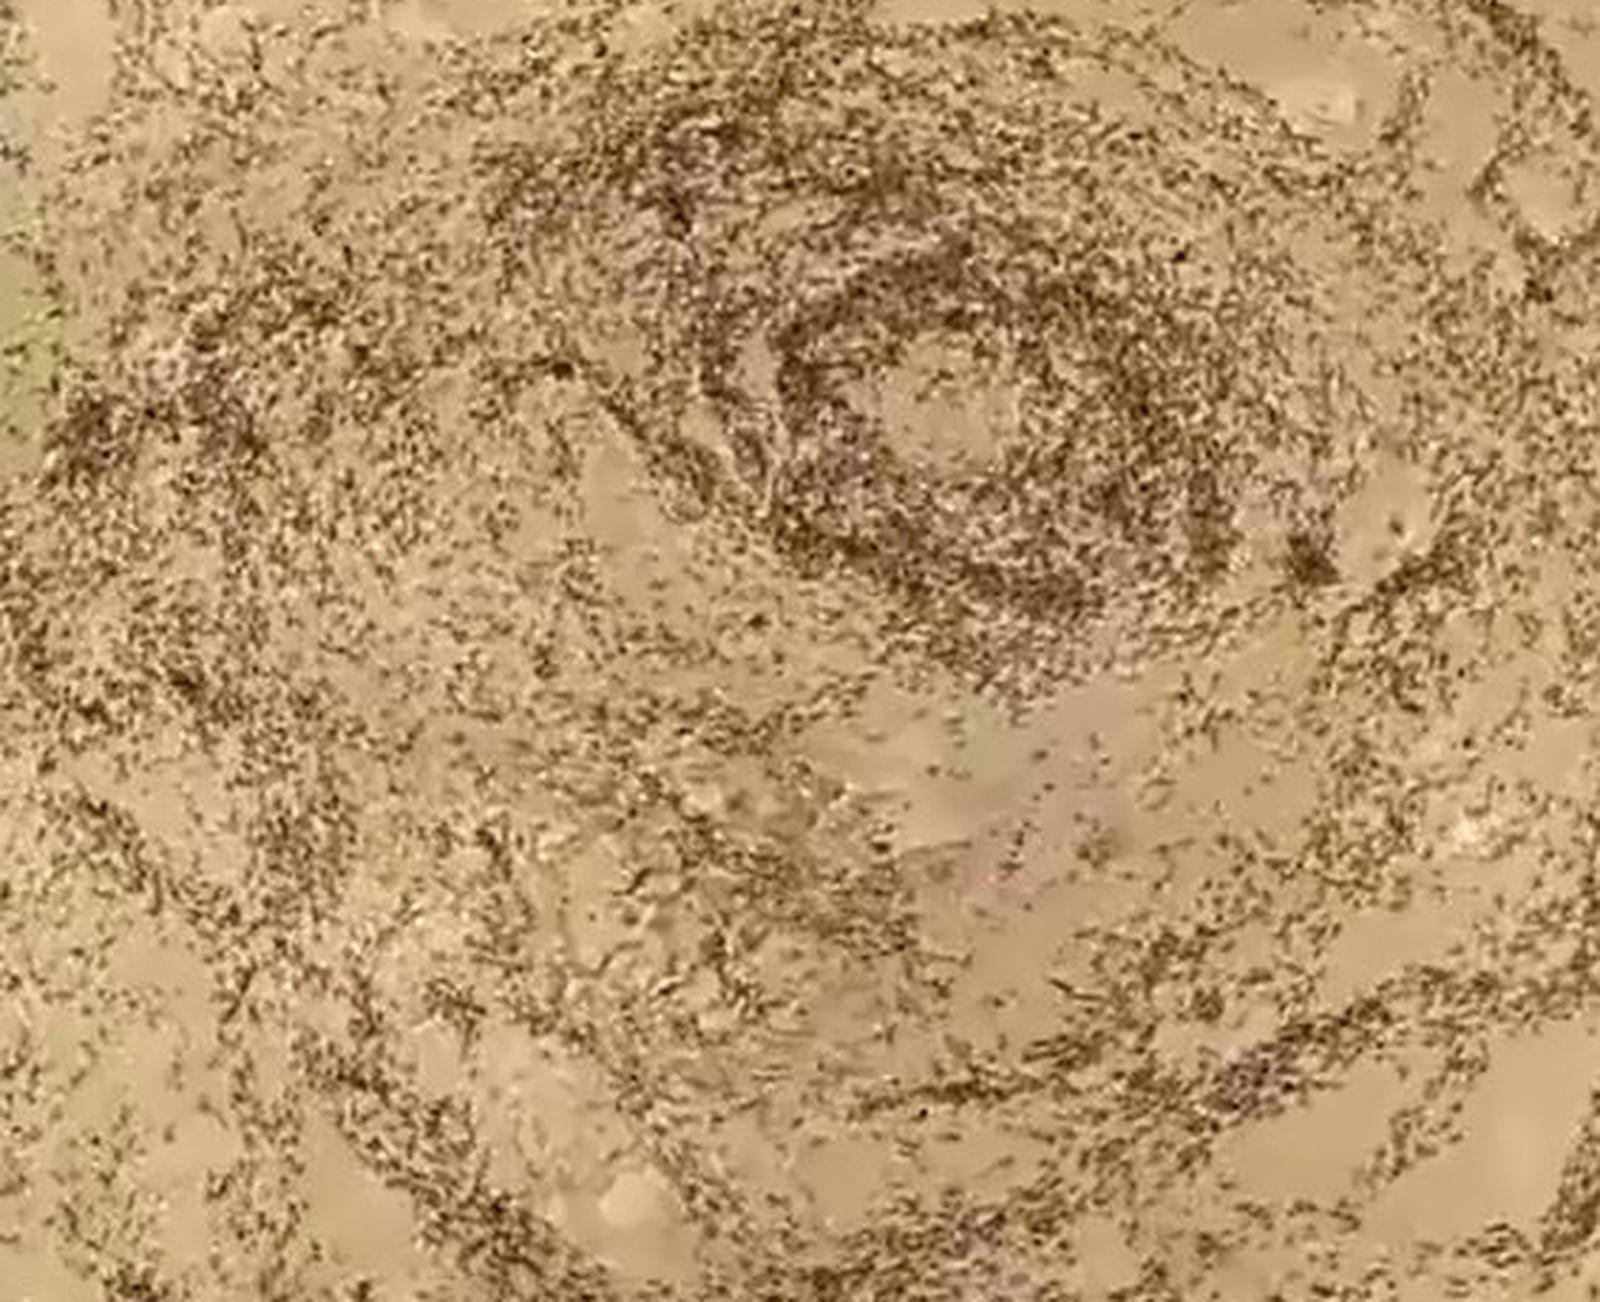 Círculo da morte de formigas